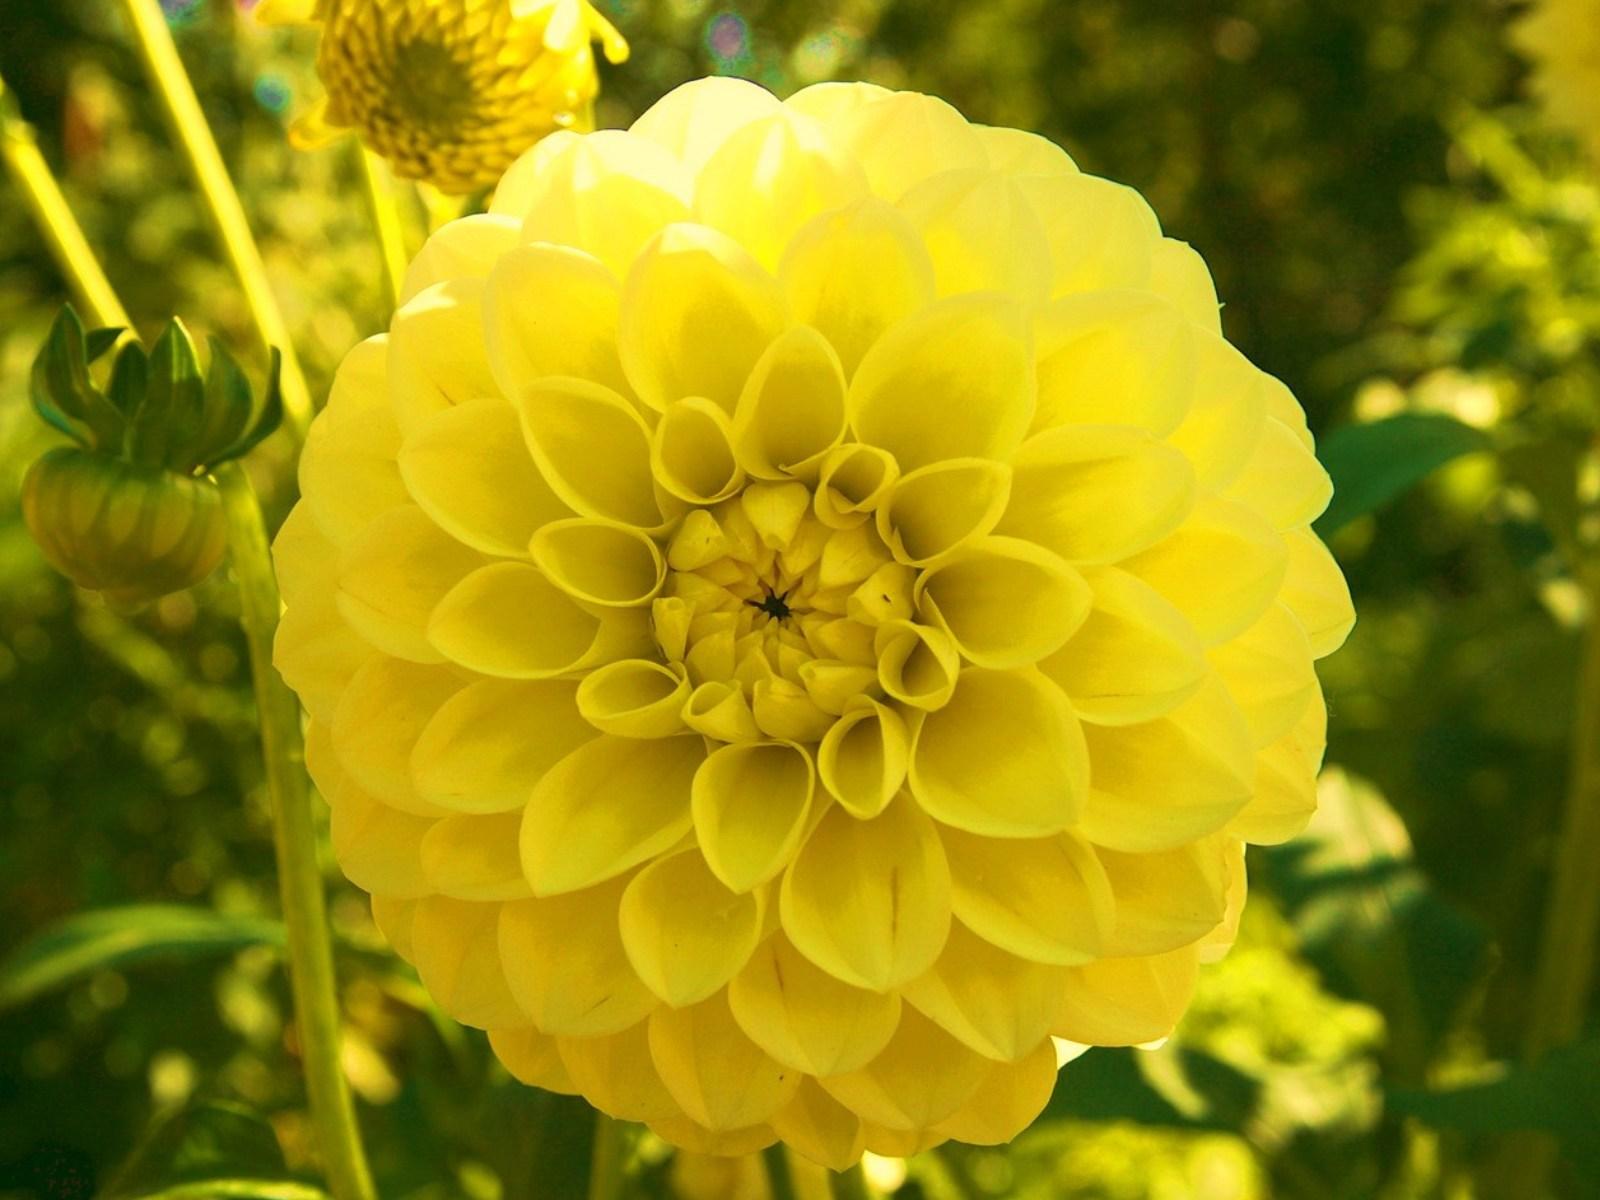 георгины фото желтые